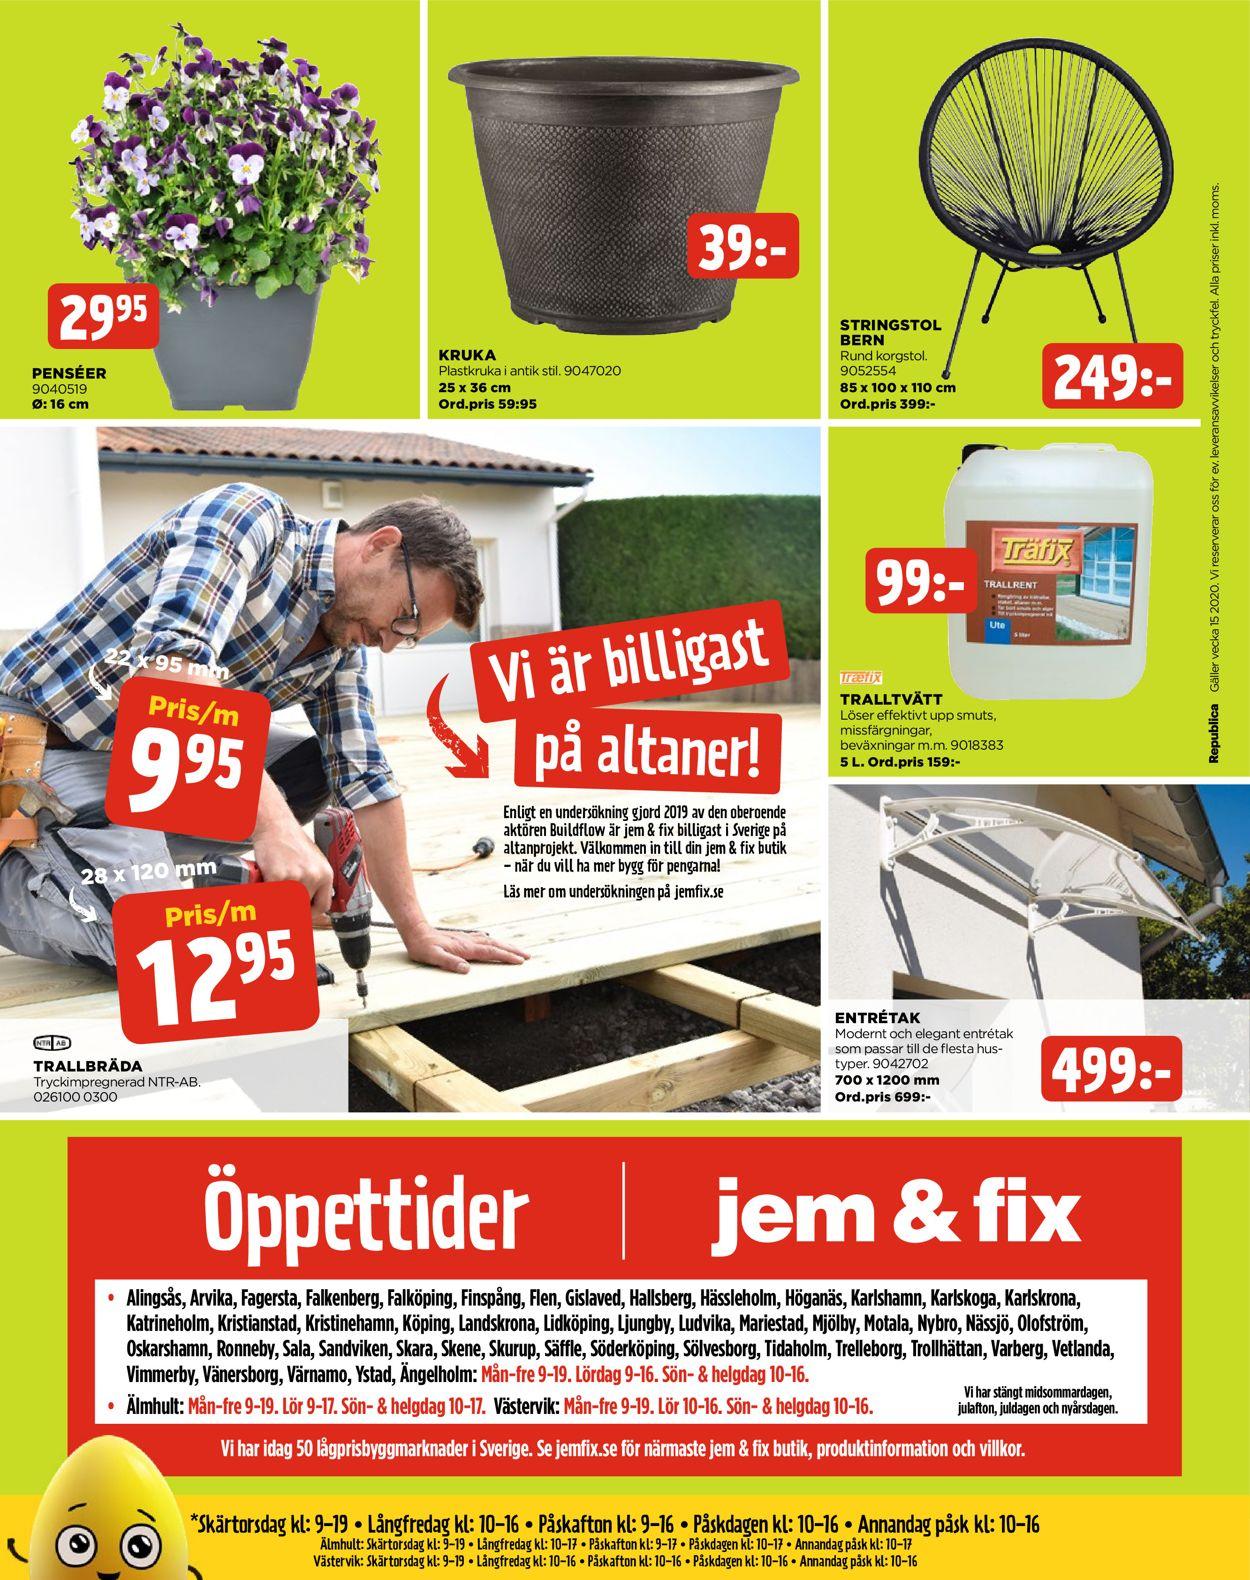 Jem & Fix - Reklamblad - 06/04-12/04-2020 (Sida 24)